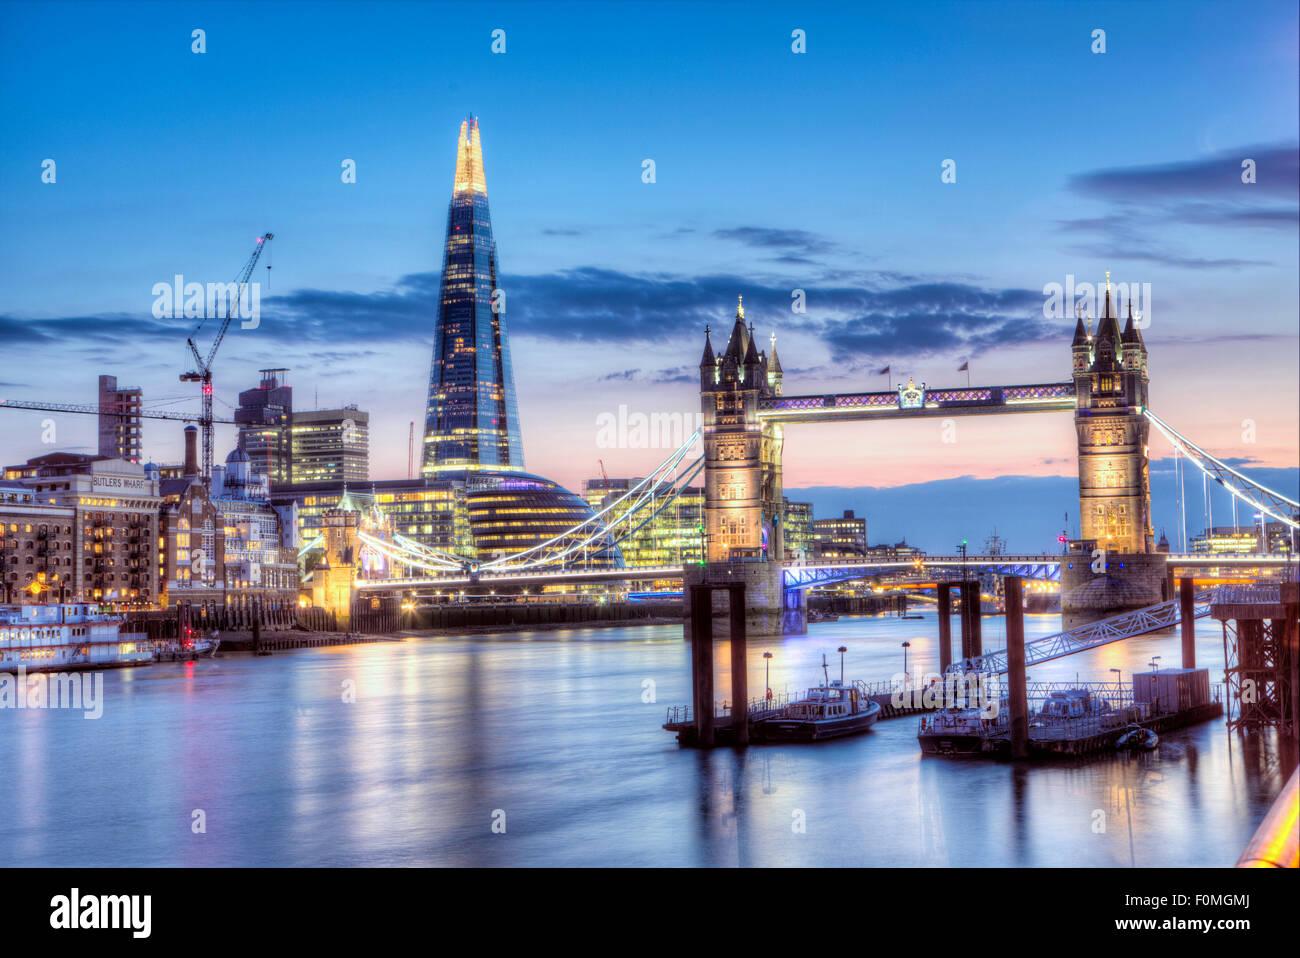 Die Tower Bridge, den Shard ad der Stadtteil Southwark/Bermondsey in London an einem sommerlichen Abend Stockbild